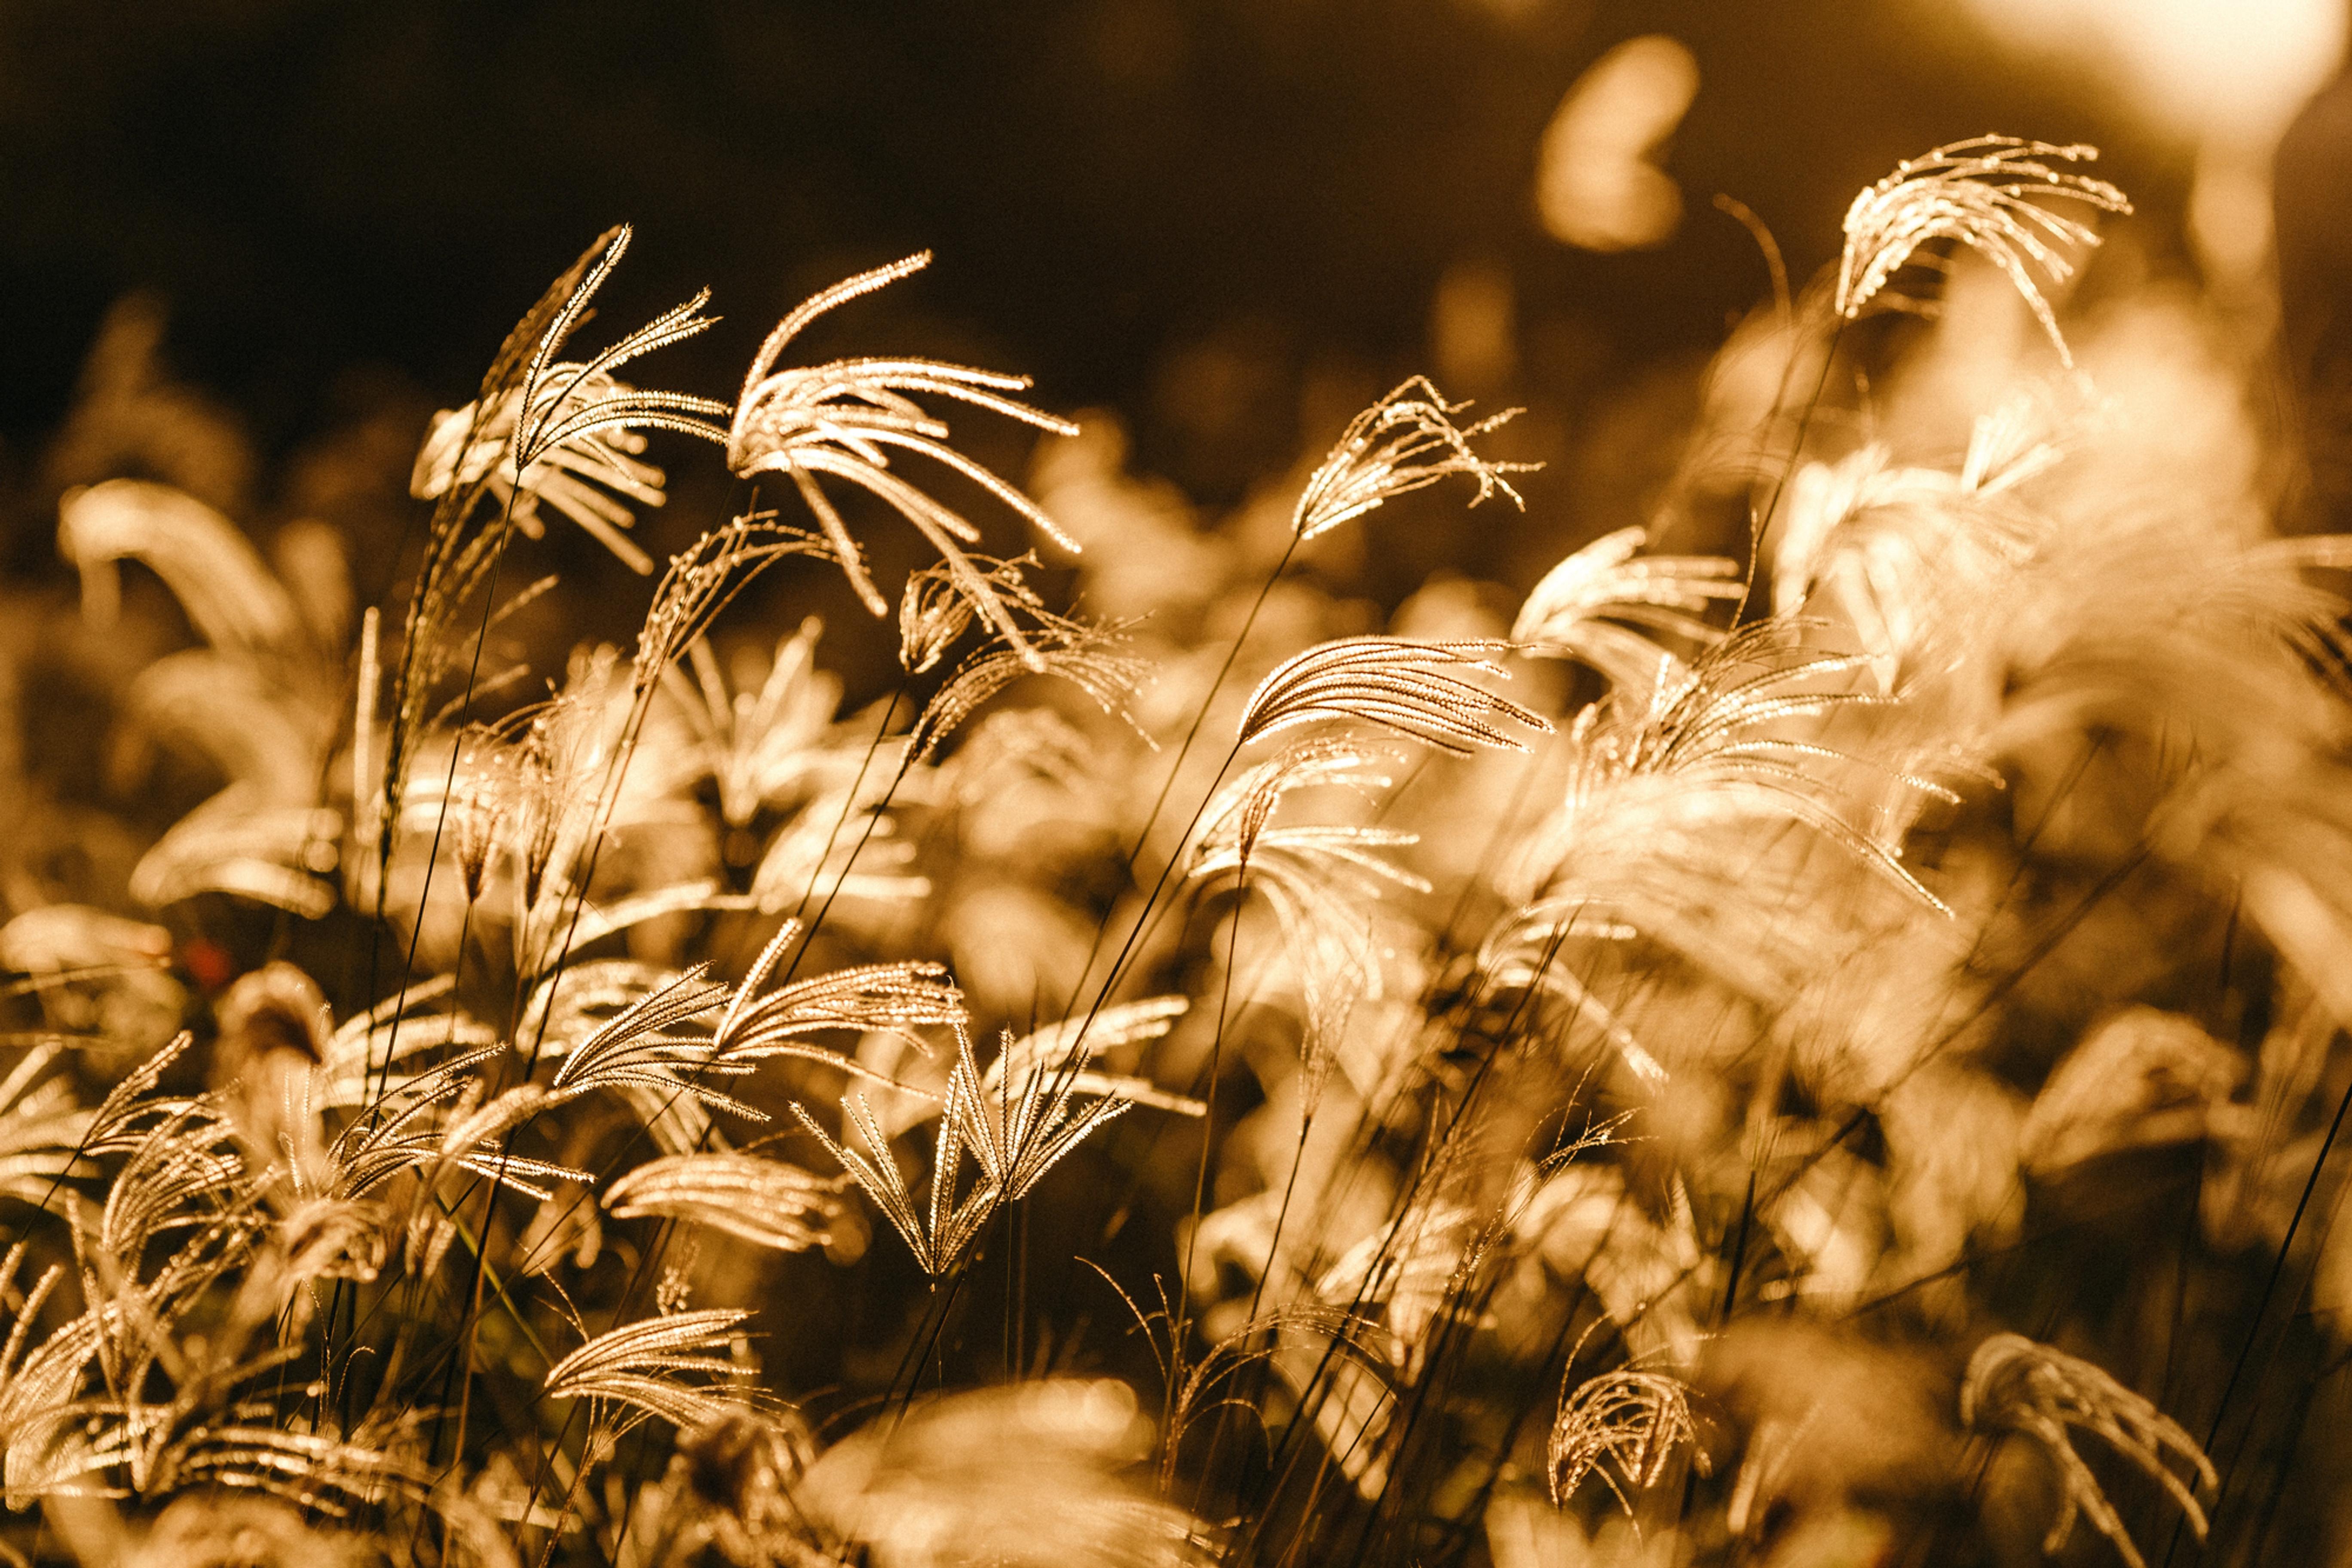 Golden Light Energy